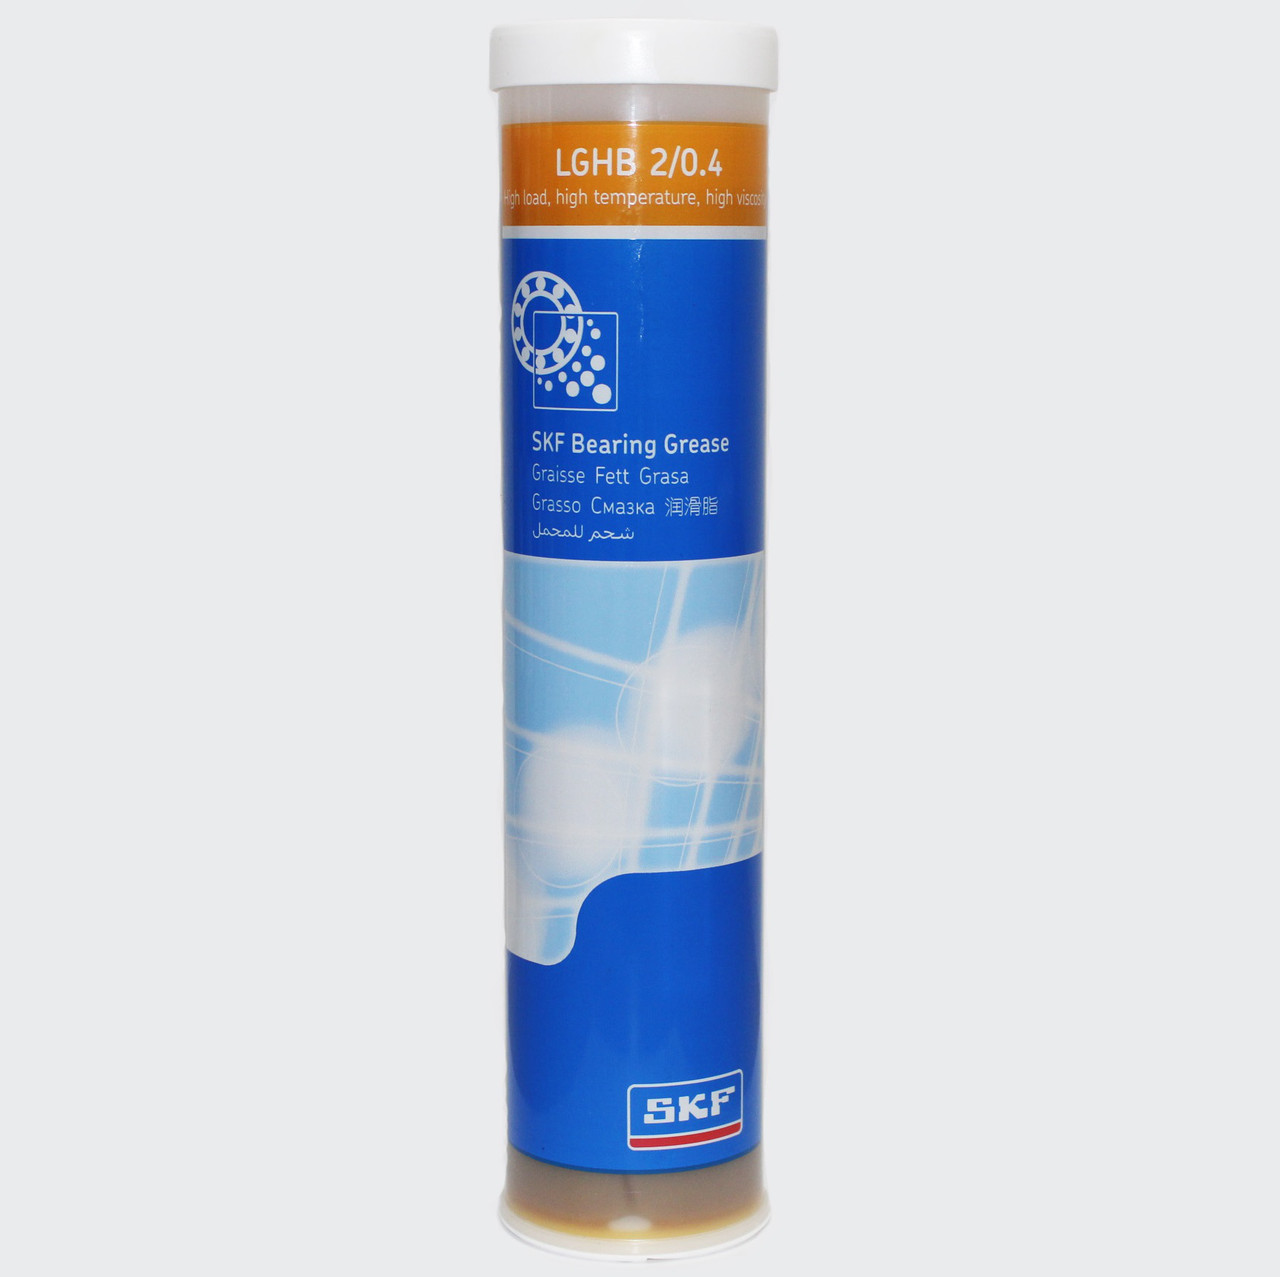 Пластичная смазка SKF LGHB 2/0.4